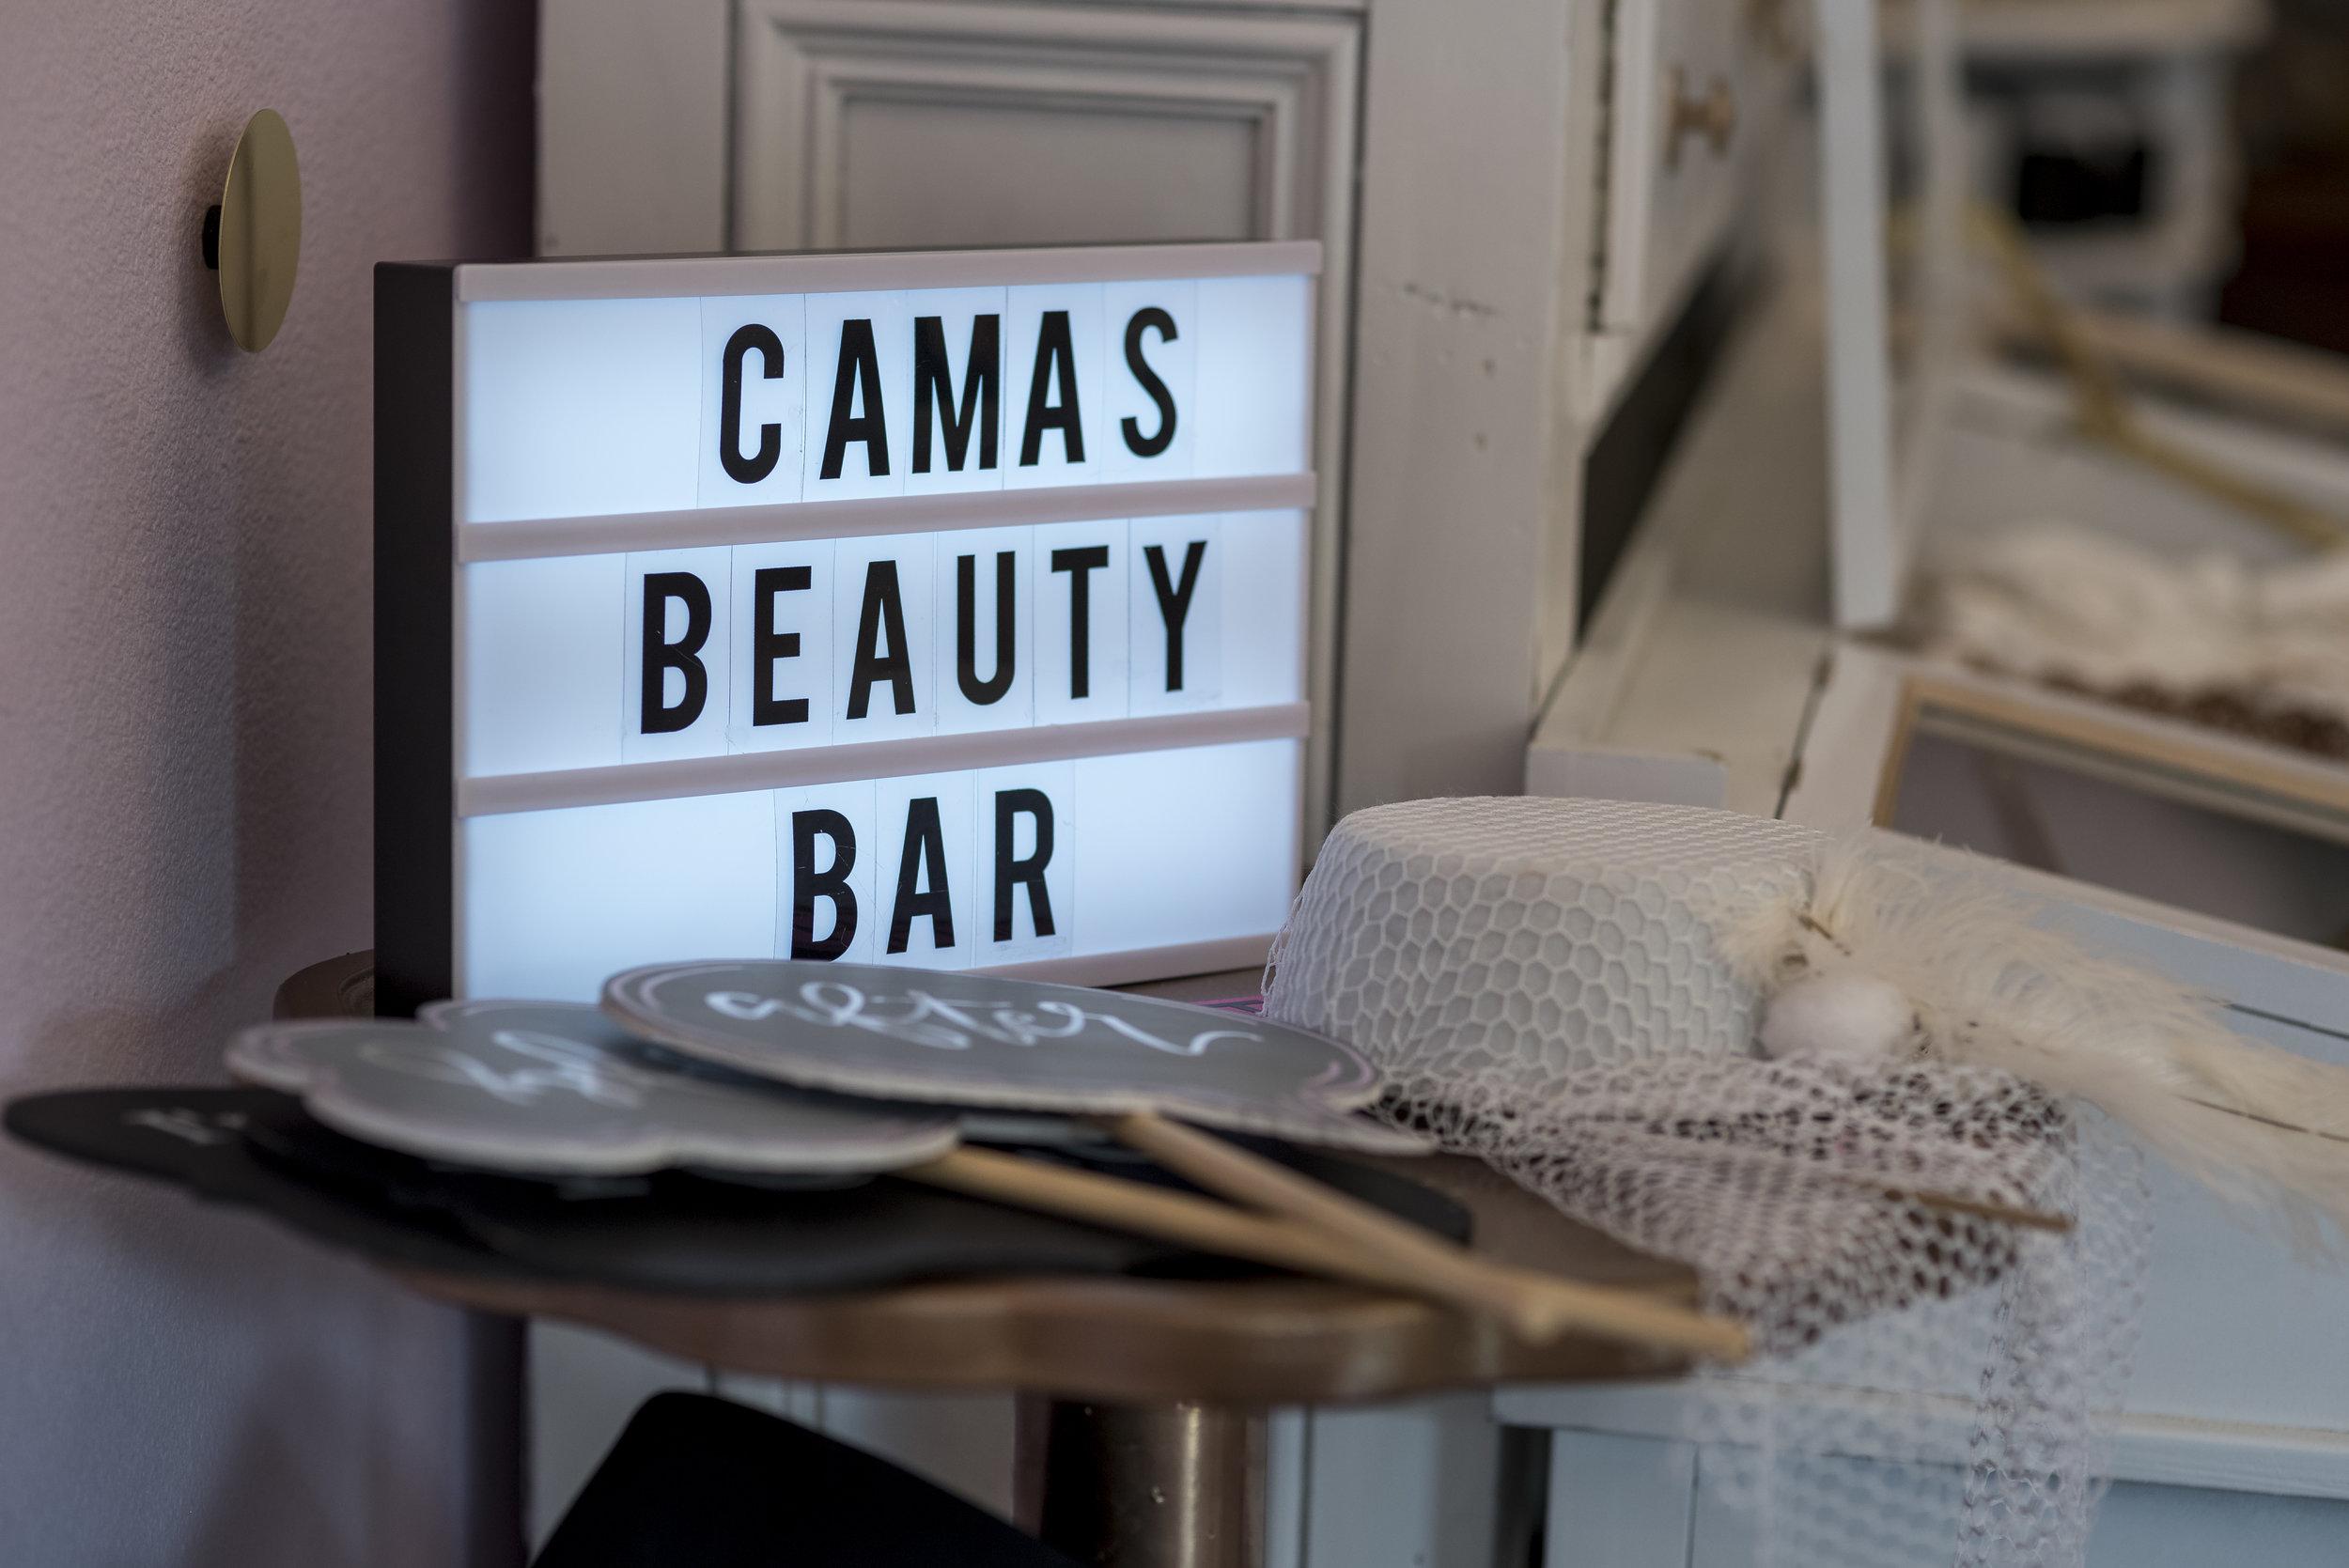 Camas Beauty Bar grand opening-6634.jpg